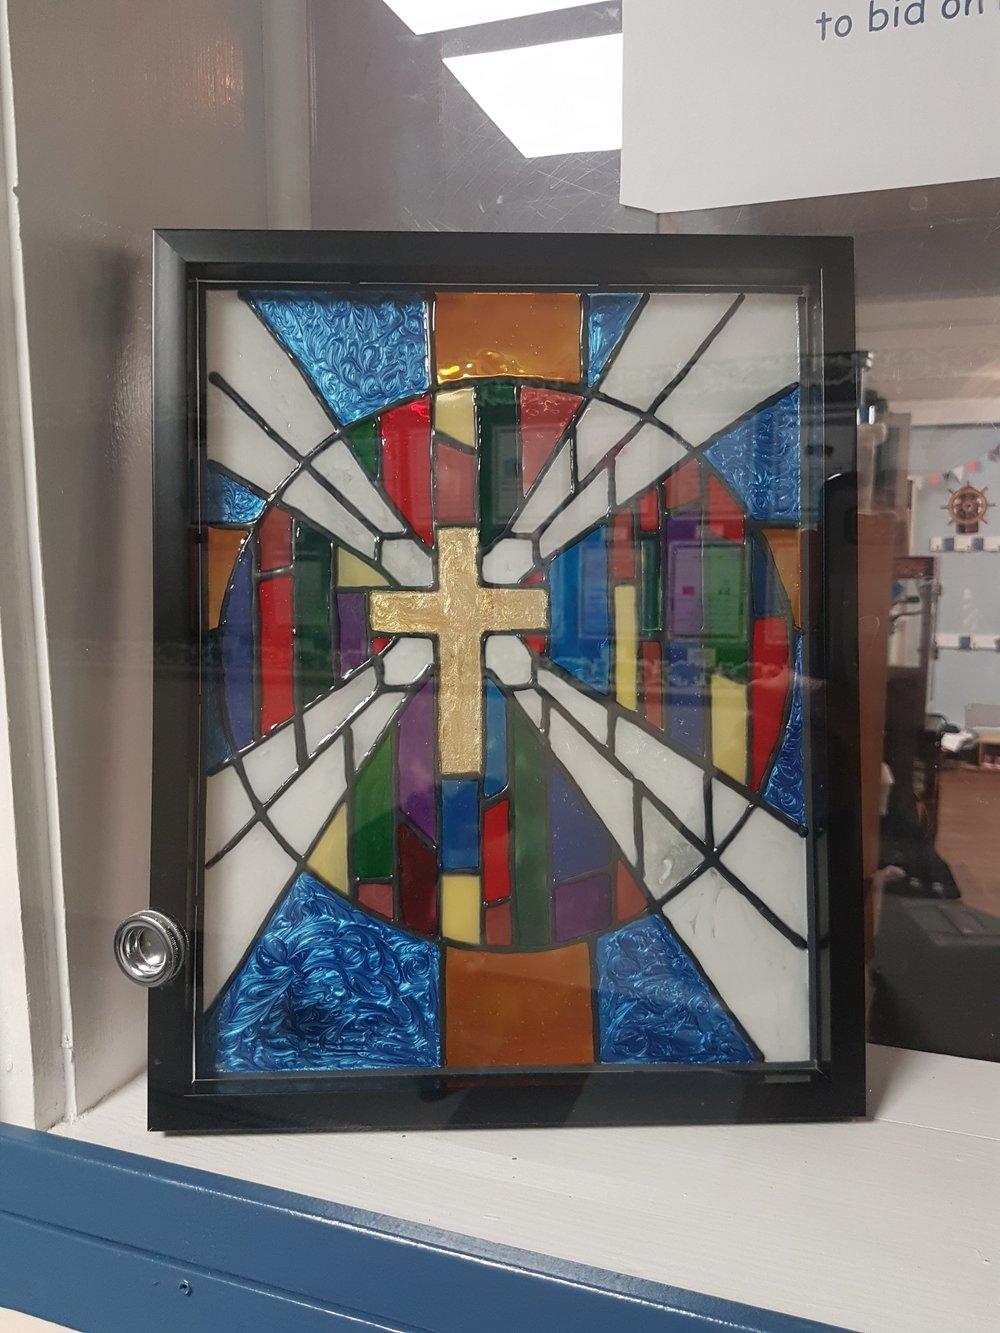 Grade 2 - handpainted stain glass window